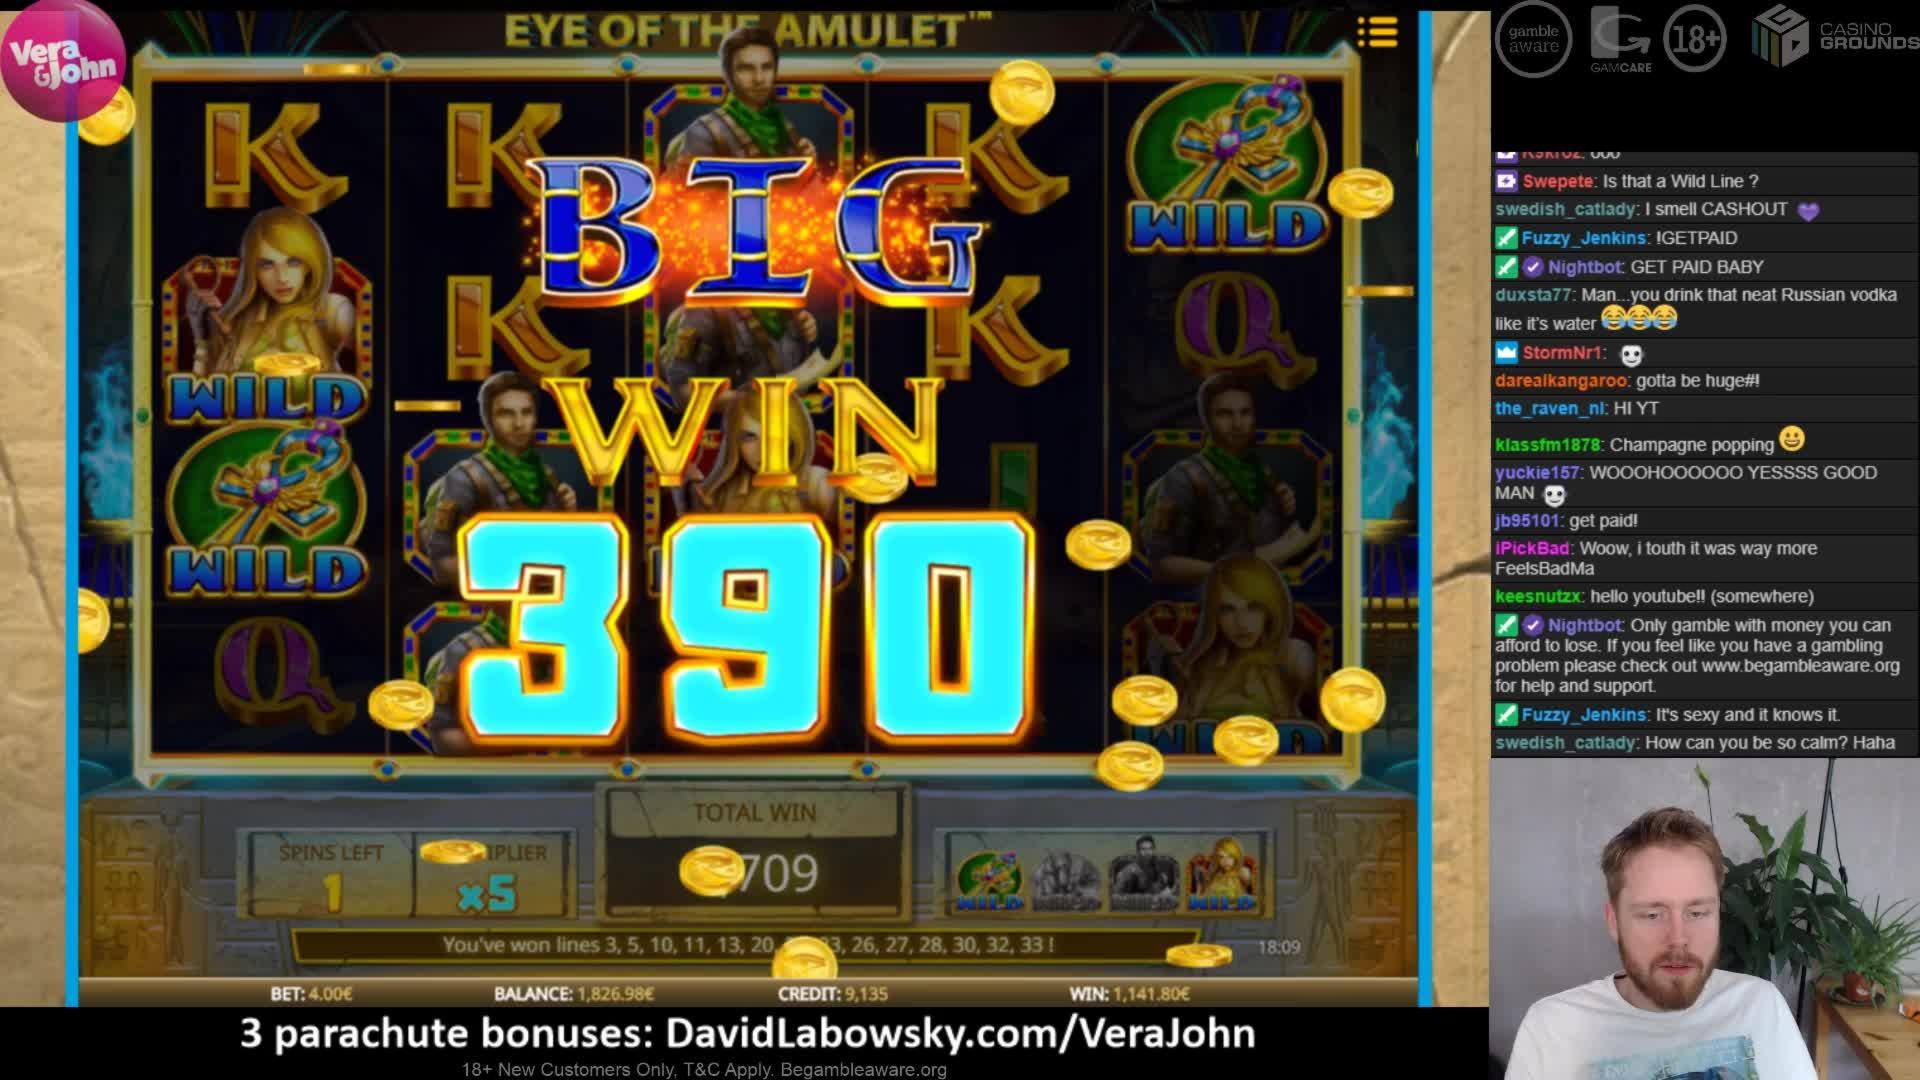 EURO 2810 No deposit bonus code at 7 Sultans Casino